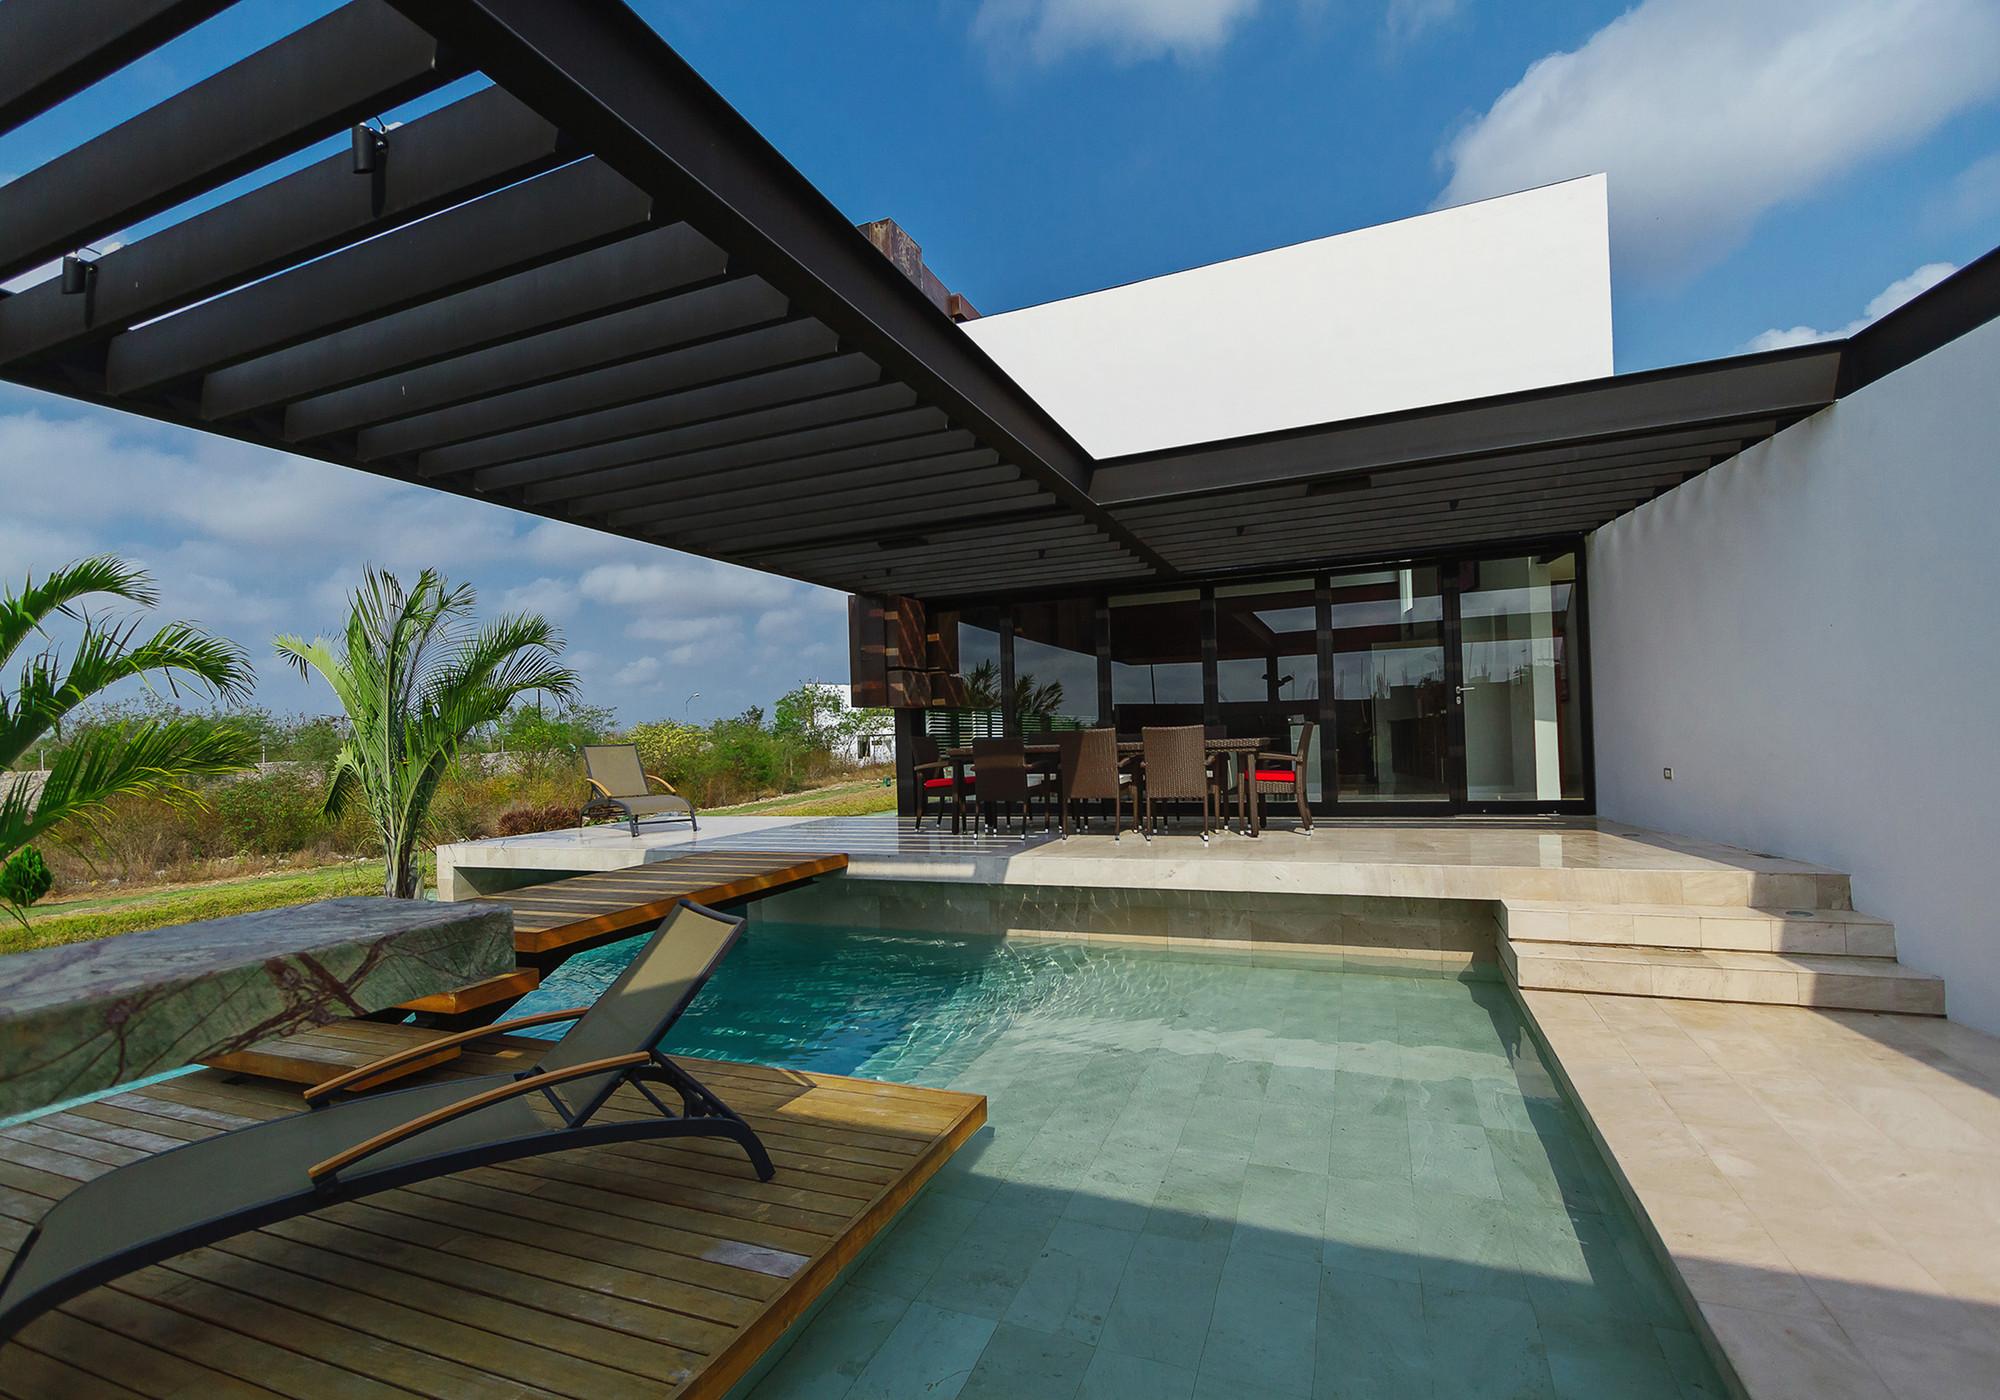 Gallery Of Pl2 House Seijo Peon Arquitectos Y Asociados 3